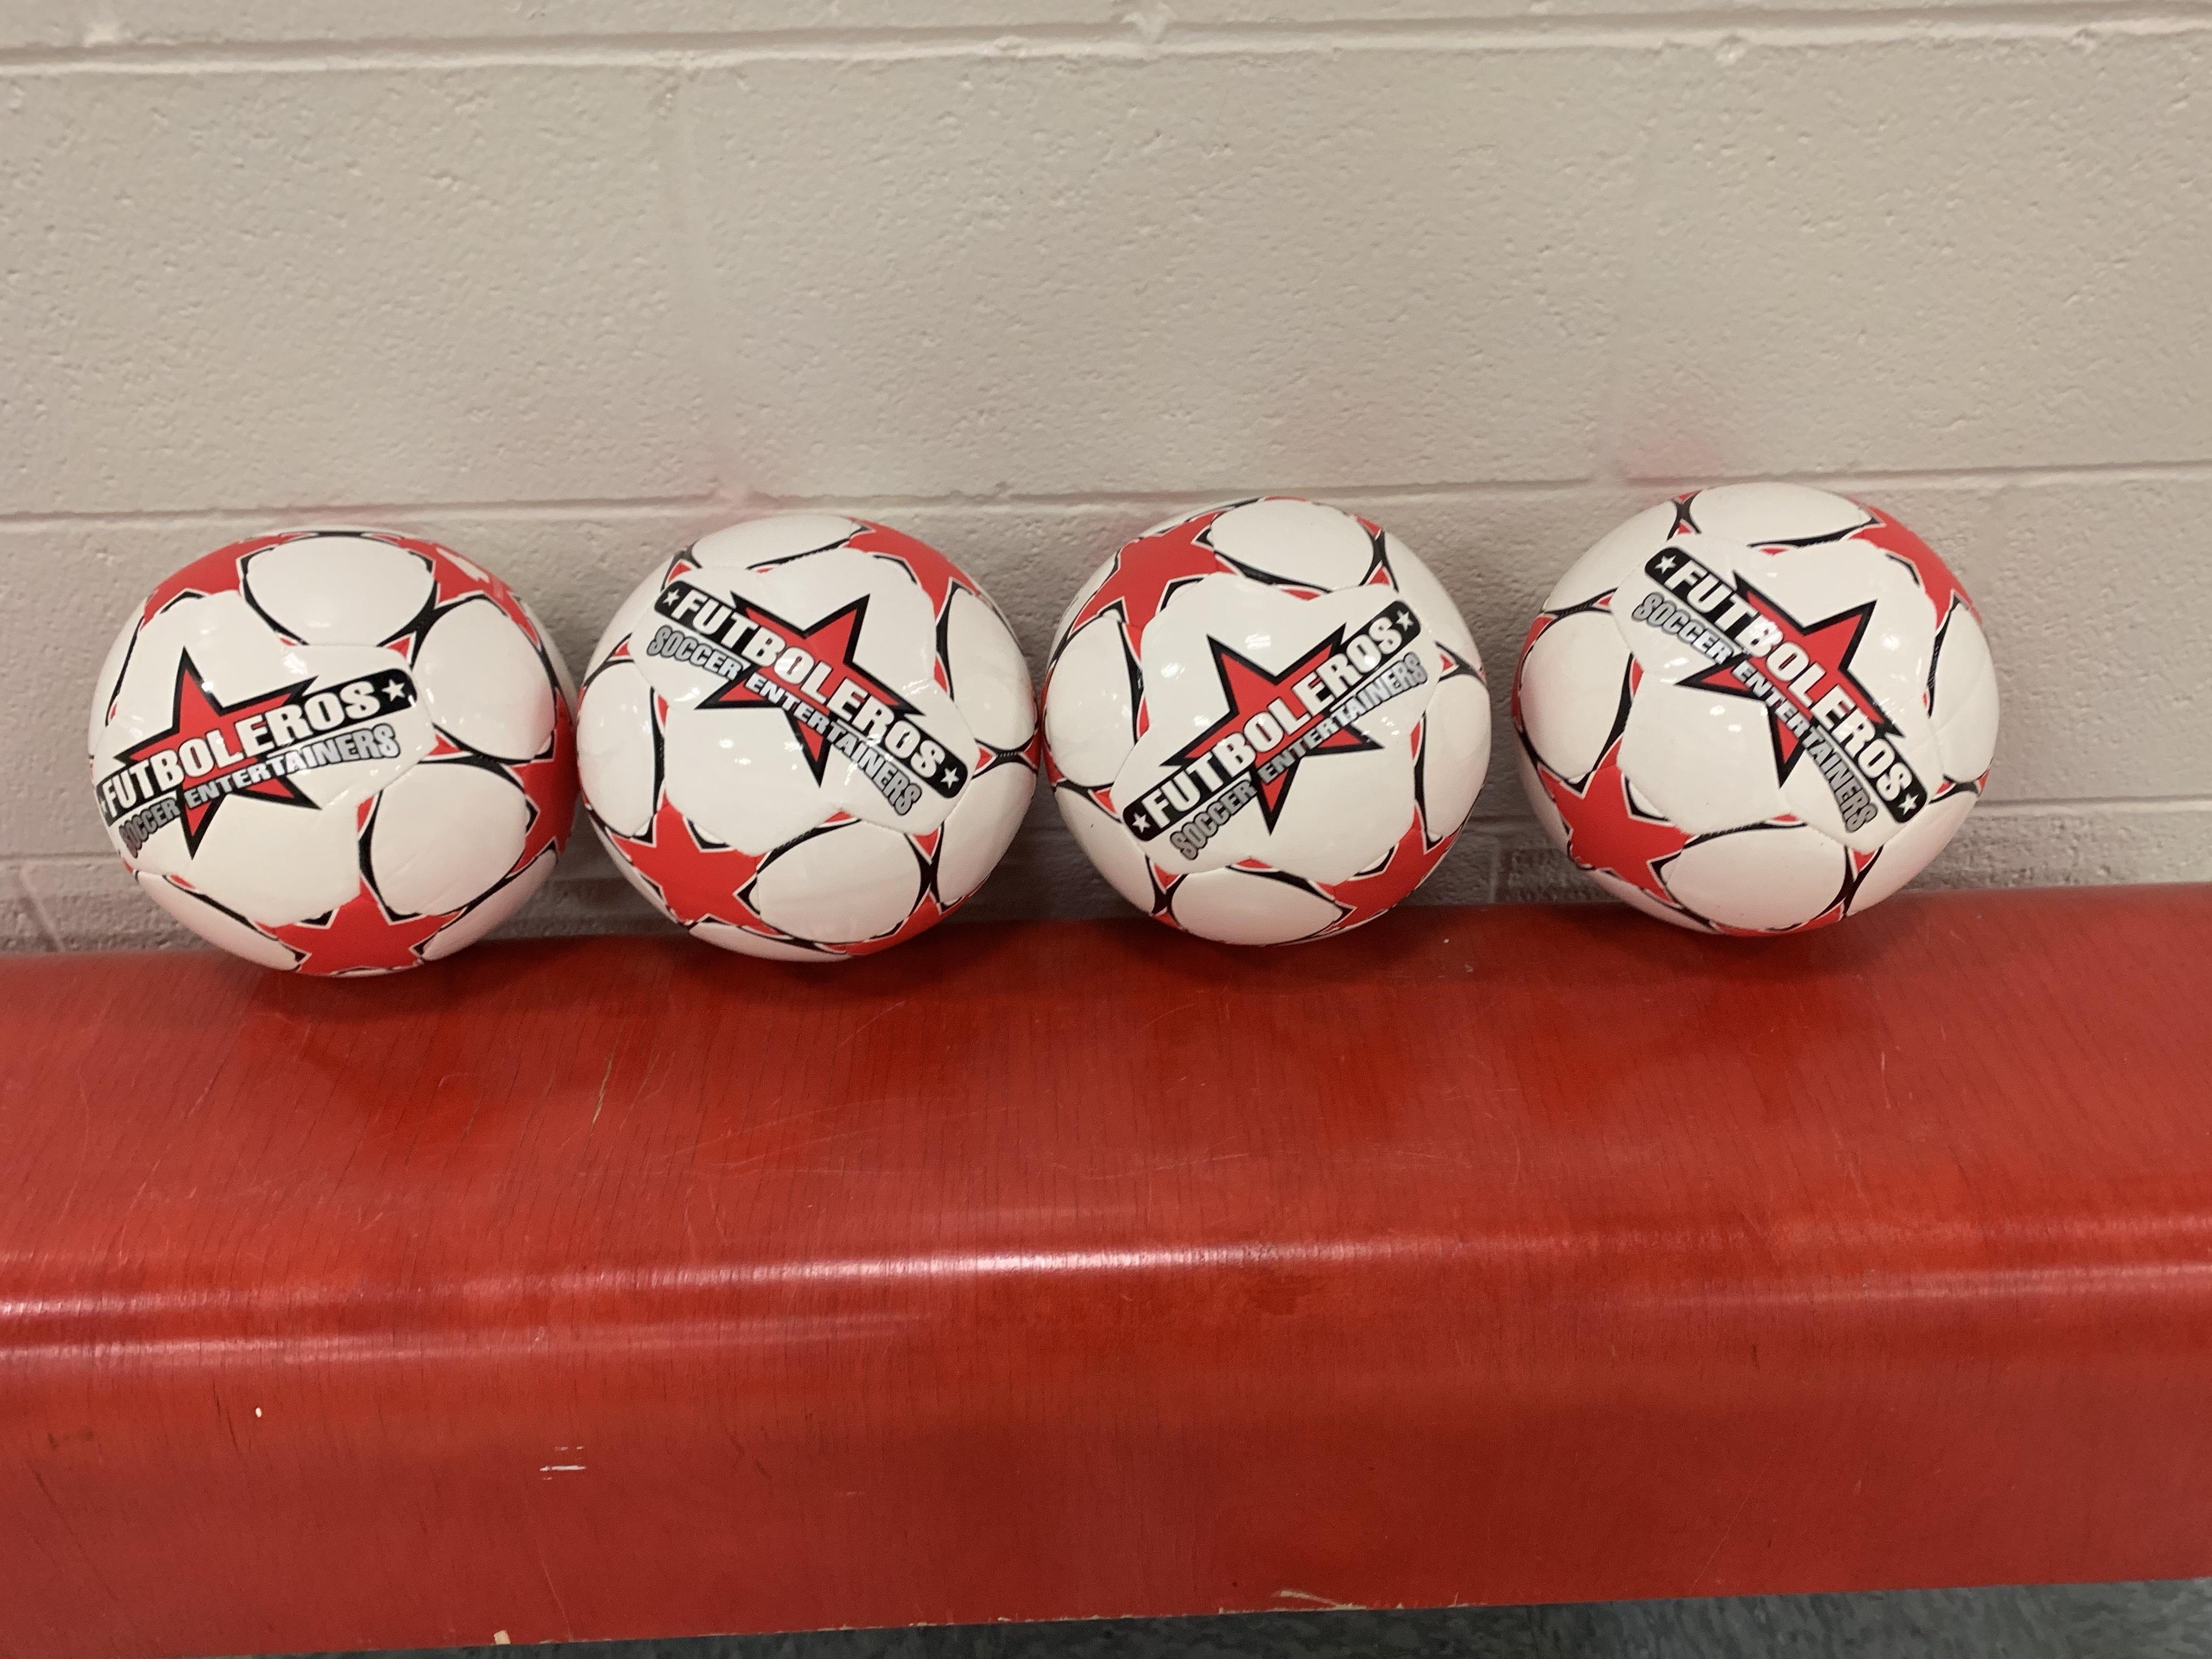 Futboleros Official Soccer Ball